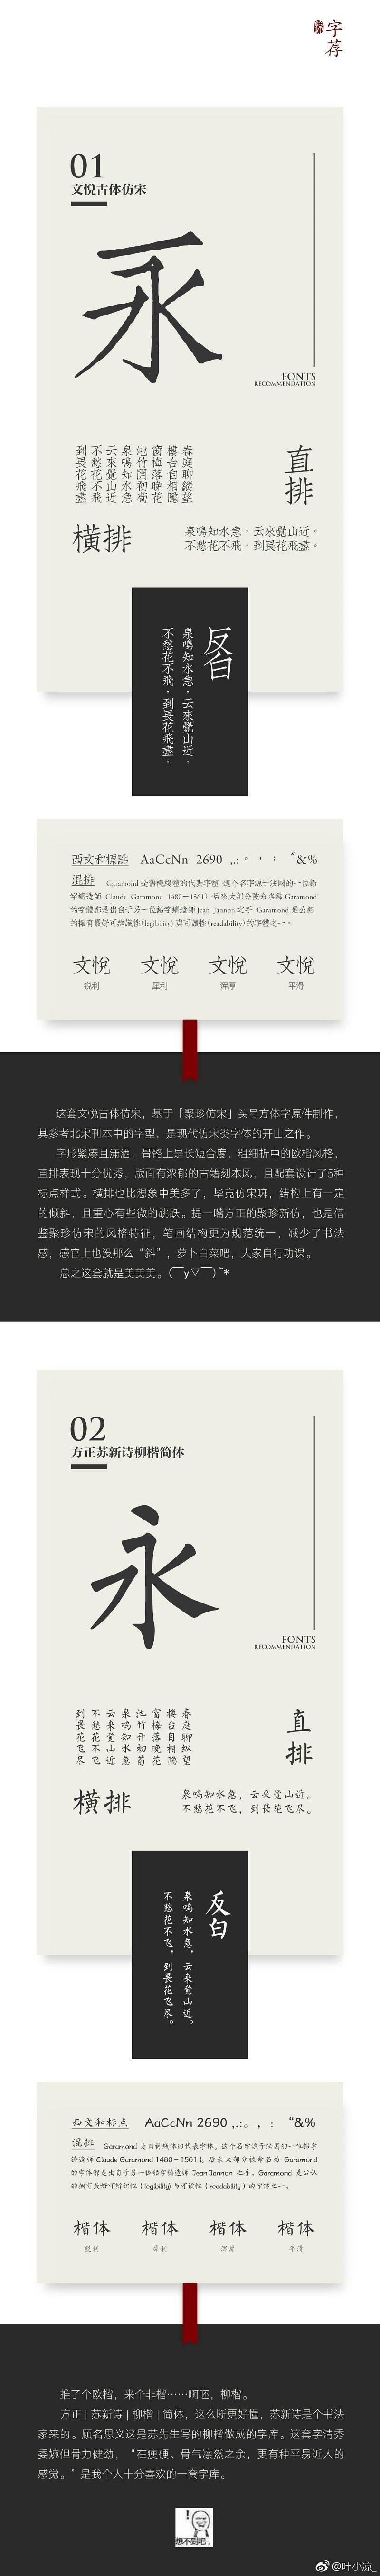 中文字体赏析.jpg